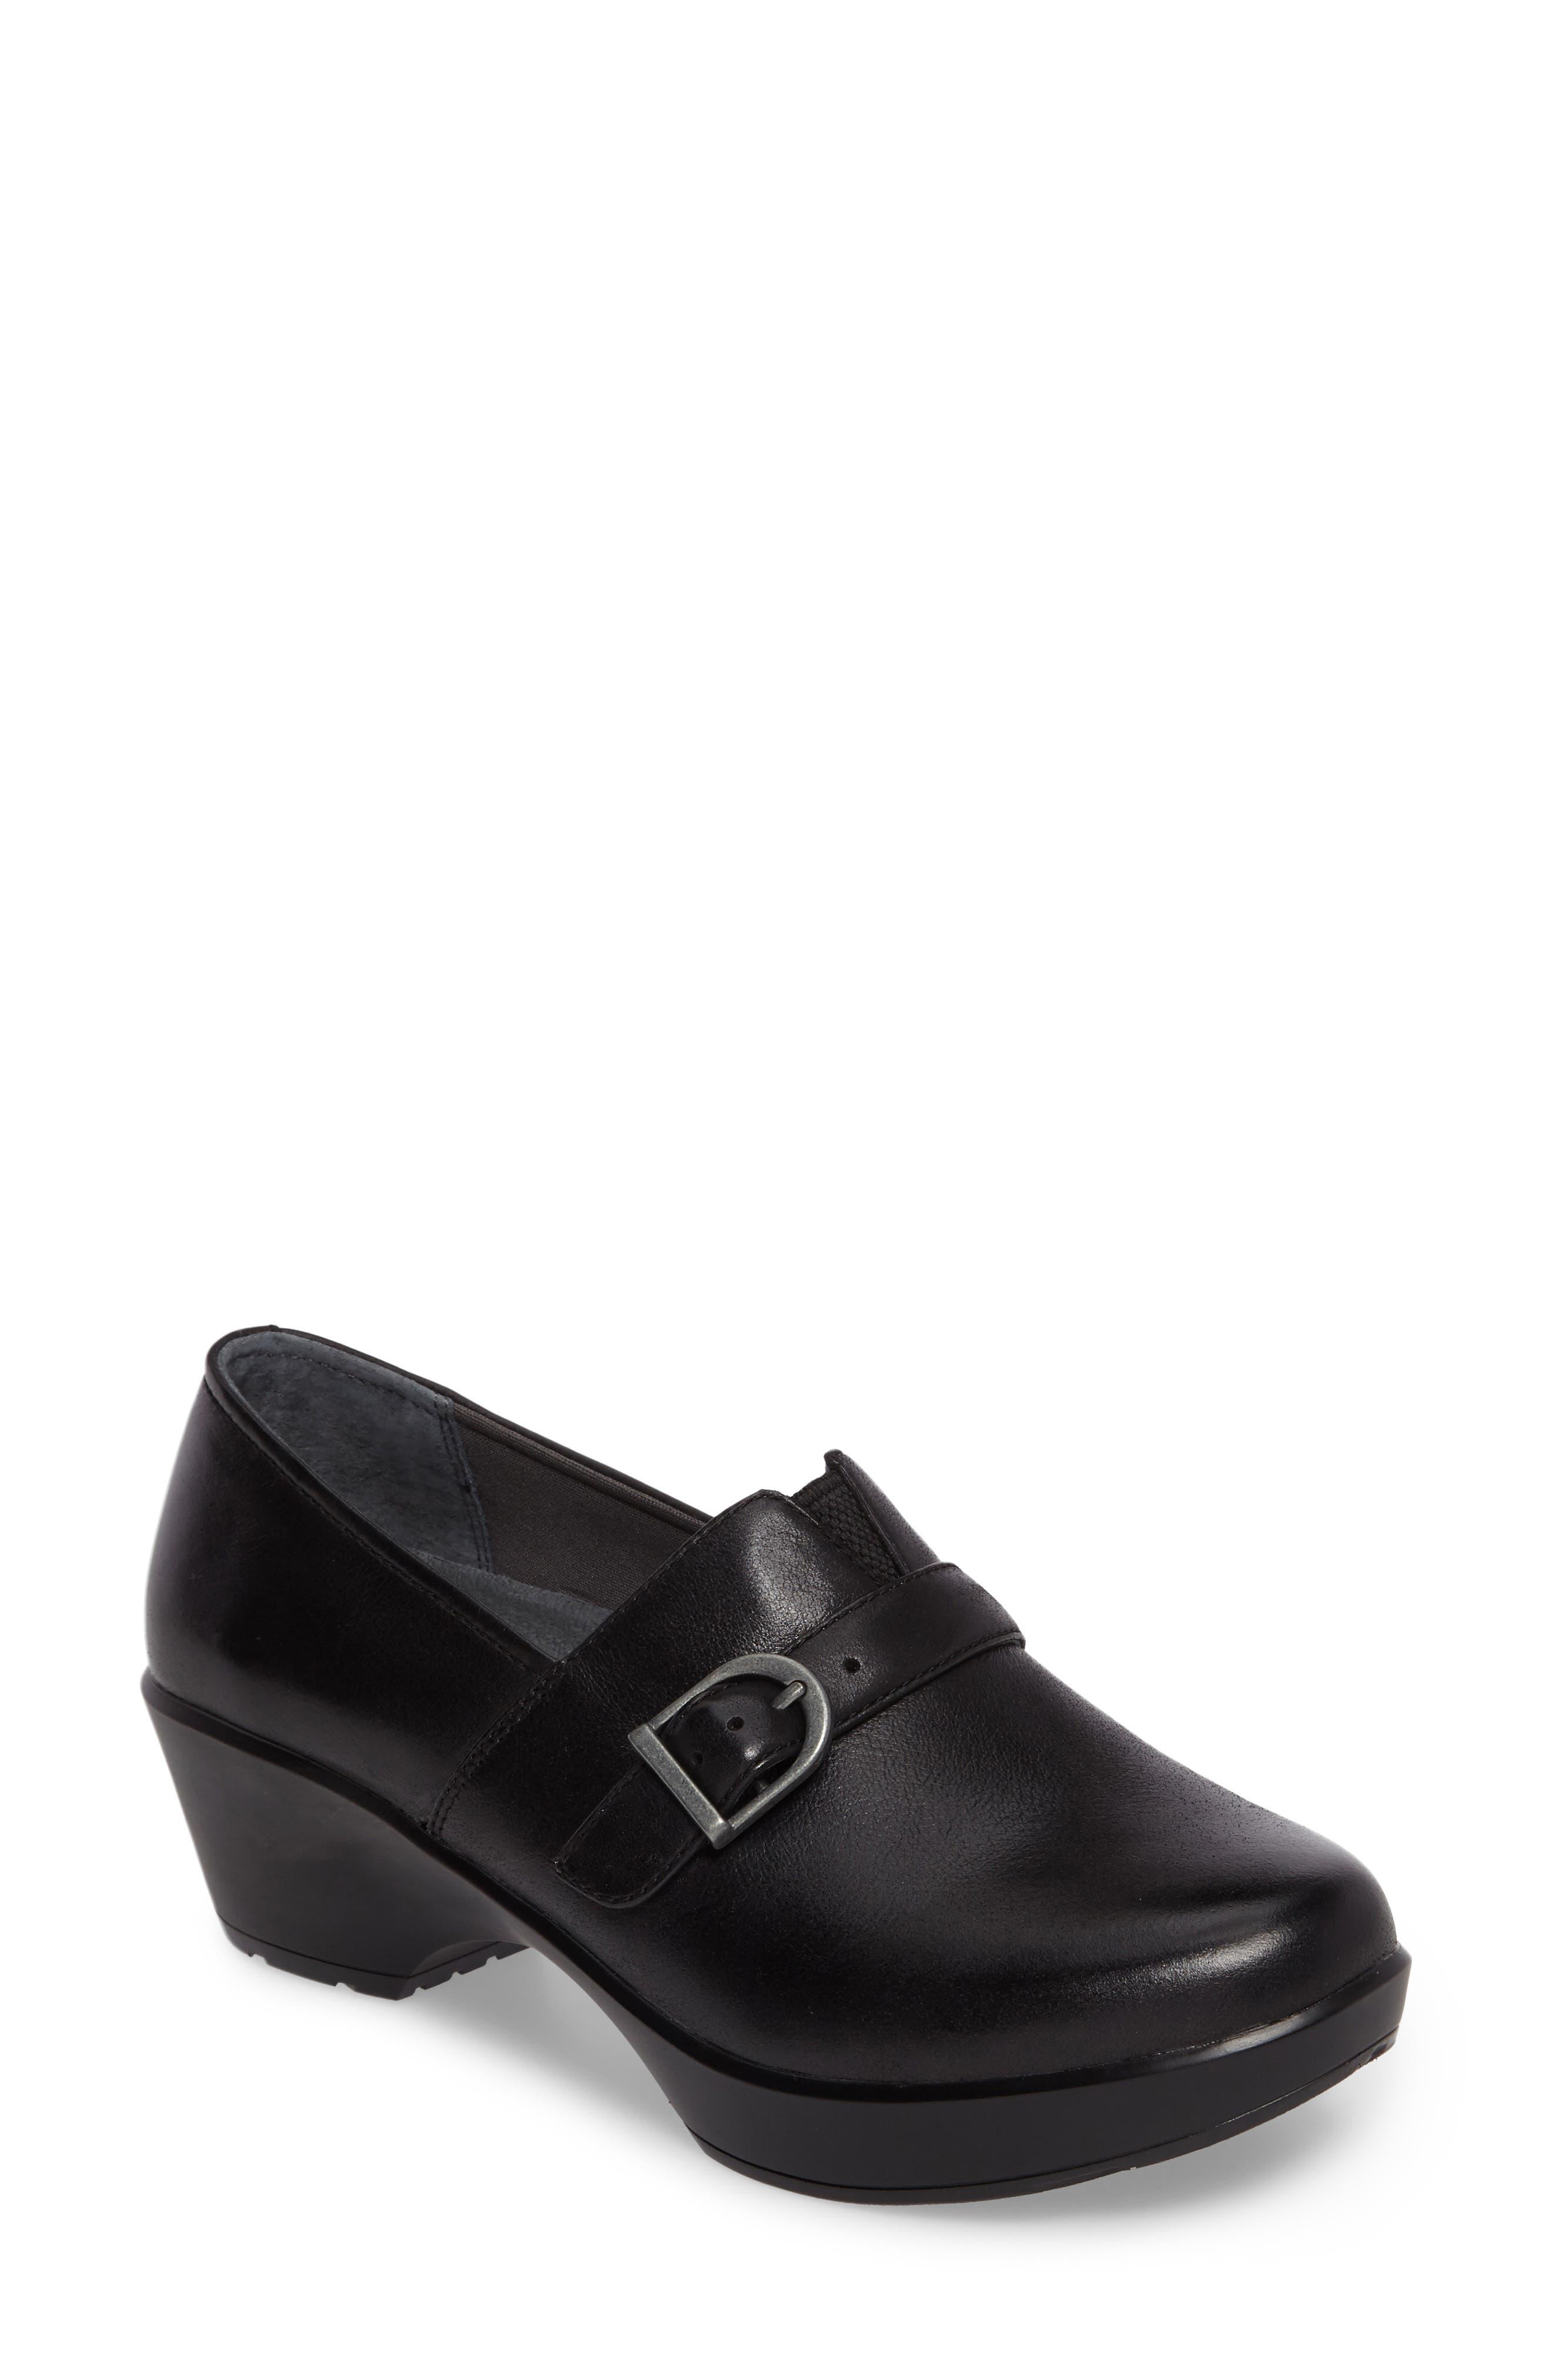 Jane Platform Loafer,                             Main thumbnail 1, color,                             Black Burnished Nappa Leather